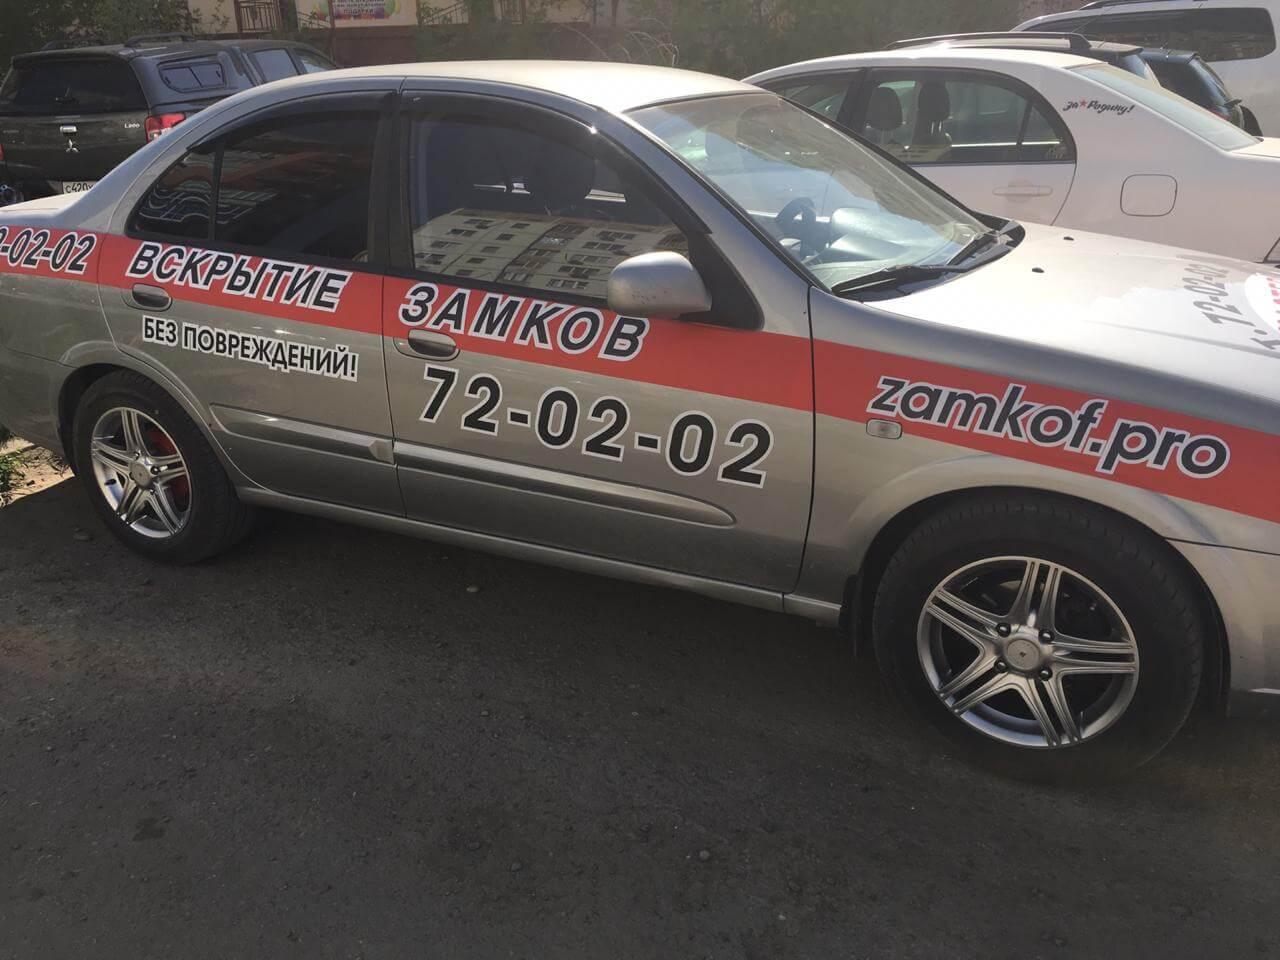 Открыть автомобиль в Черном яру